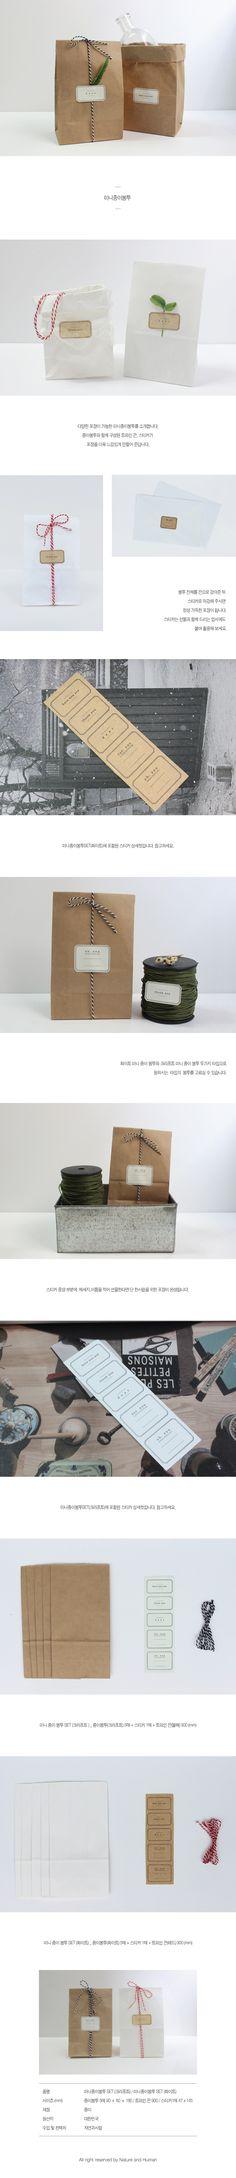 미니종이봉투SET(크라프트) - 자연과사람, 1,800원, 봉투, 심플